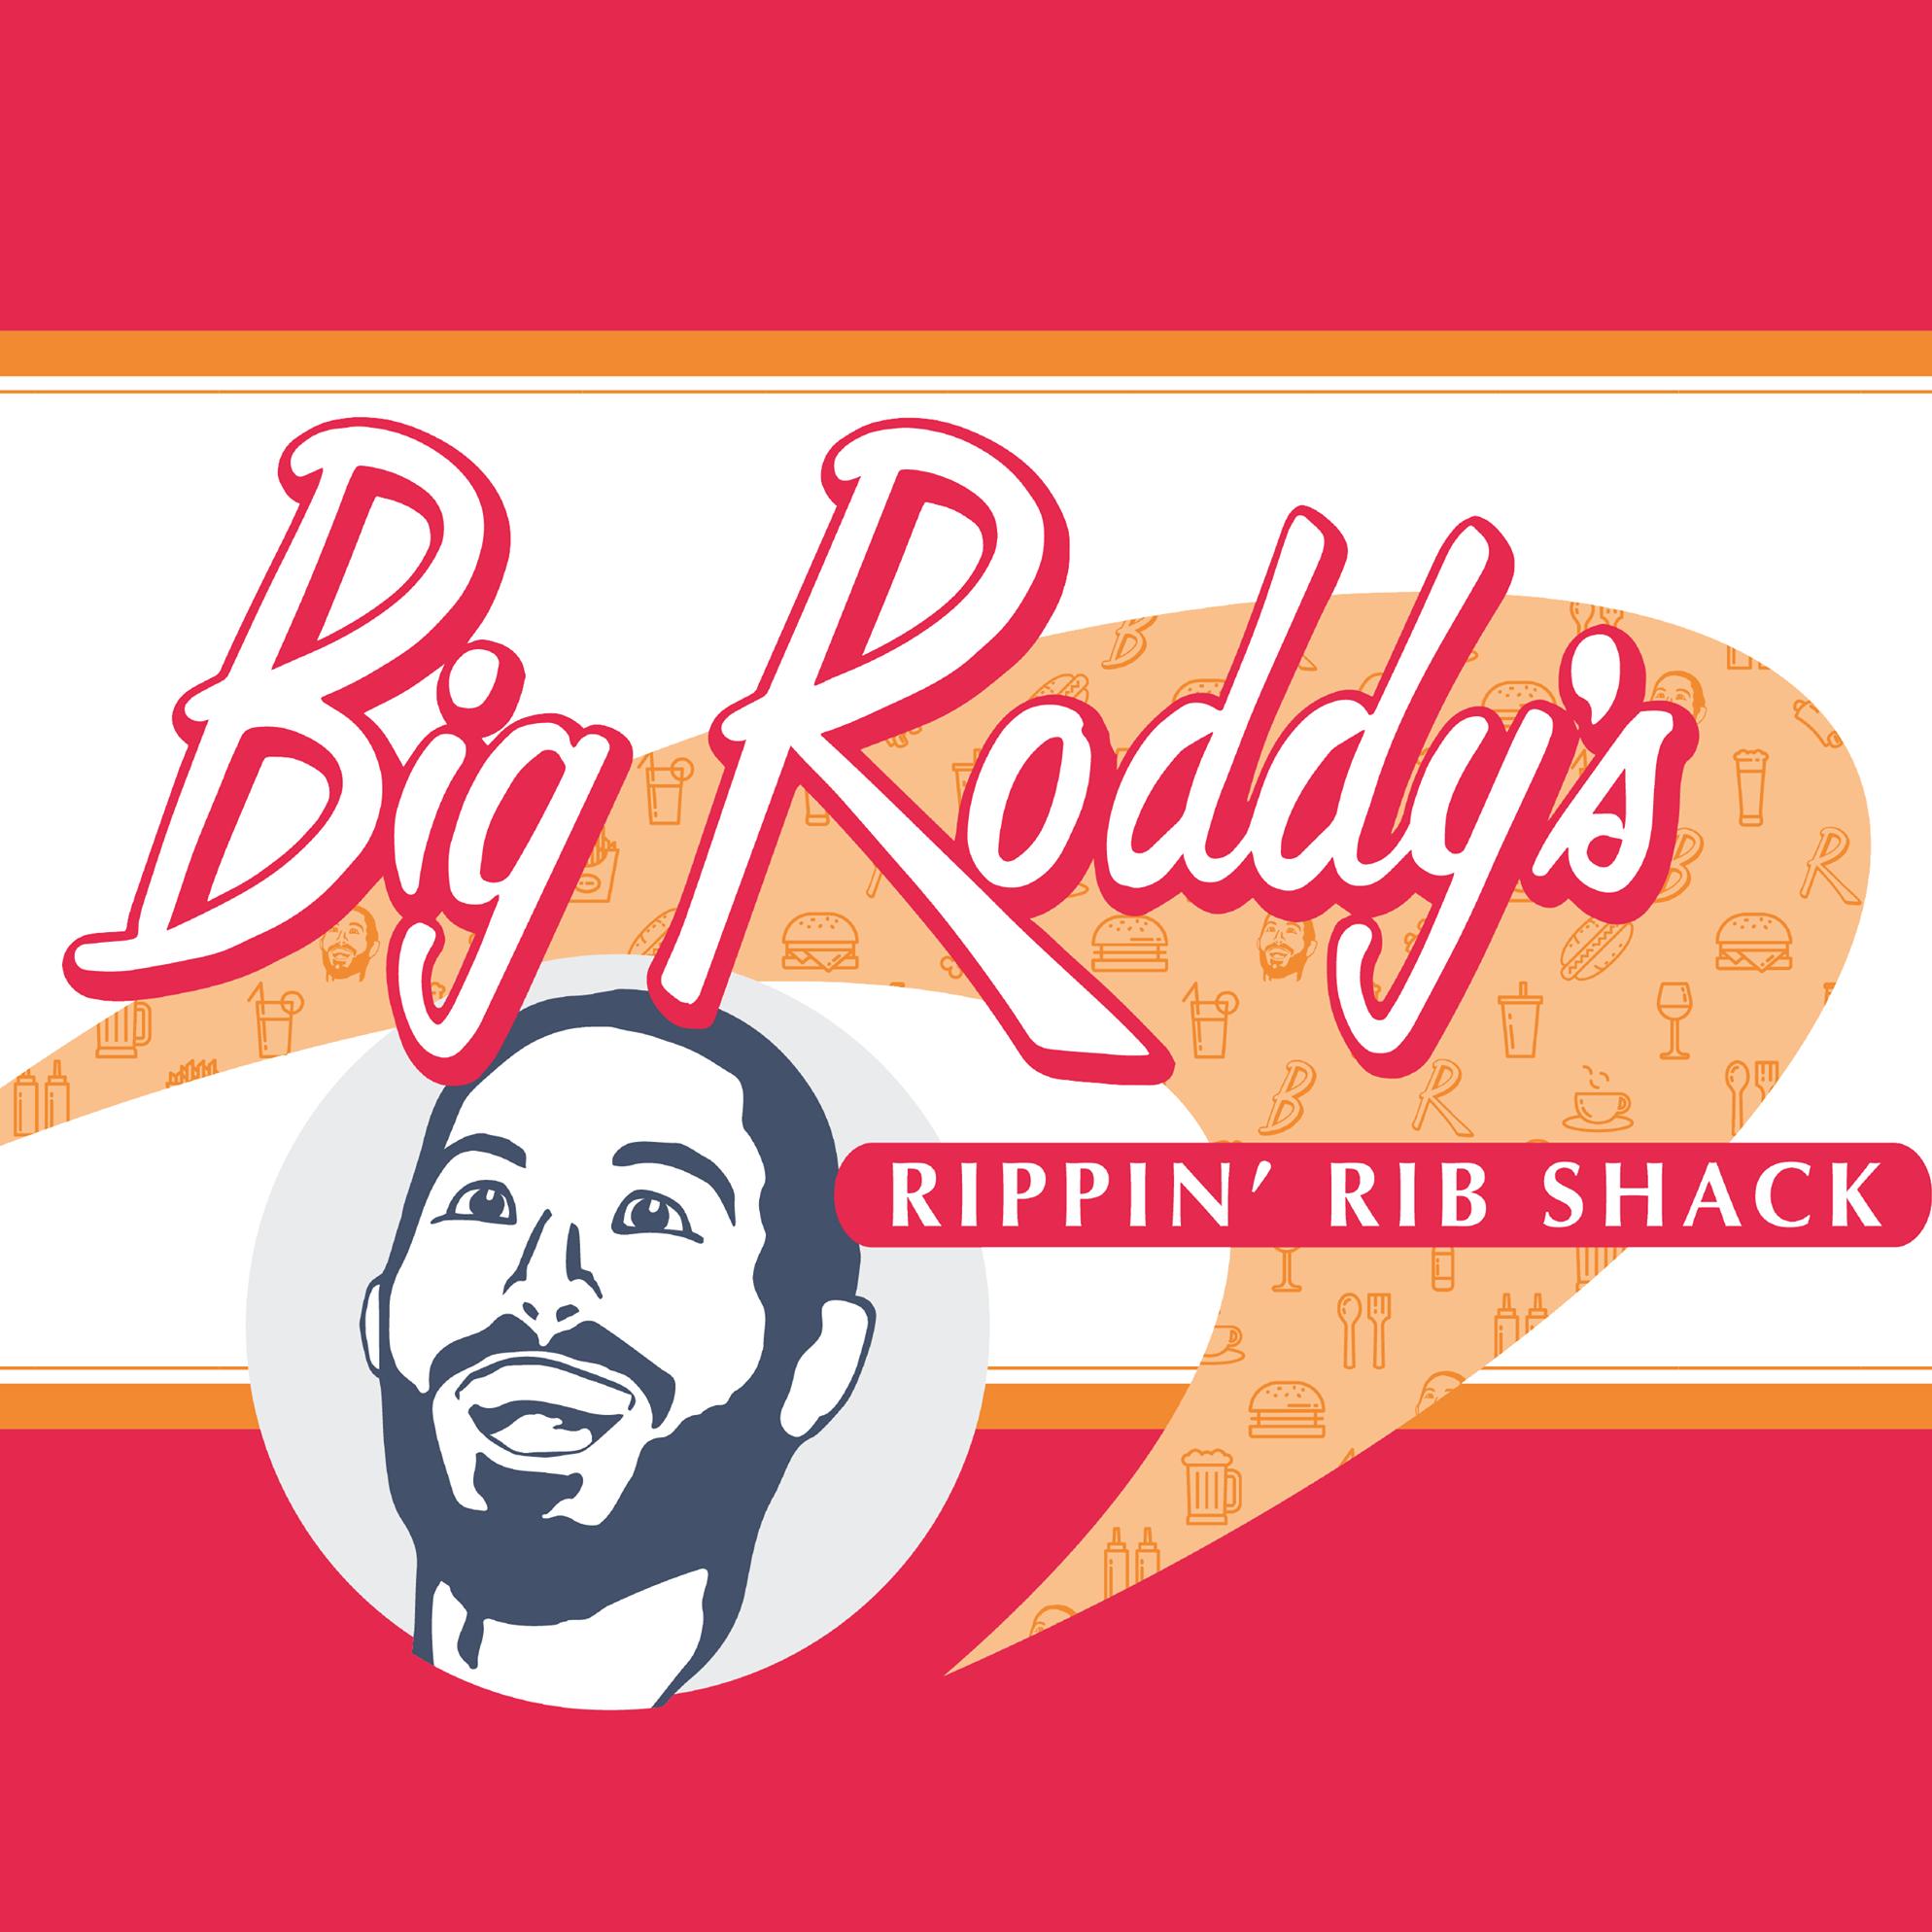 Big Roddy's Rippin' Rib Shack logo